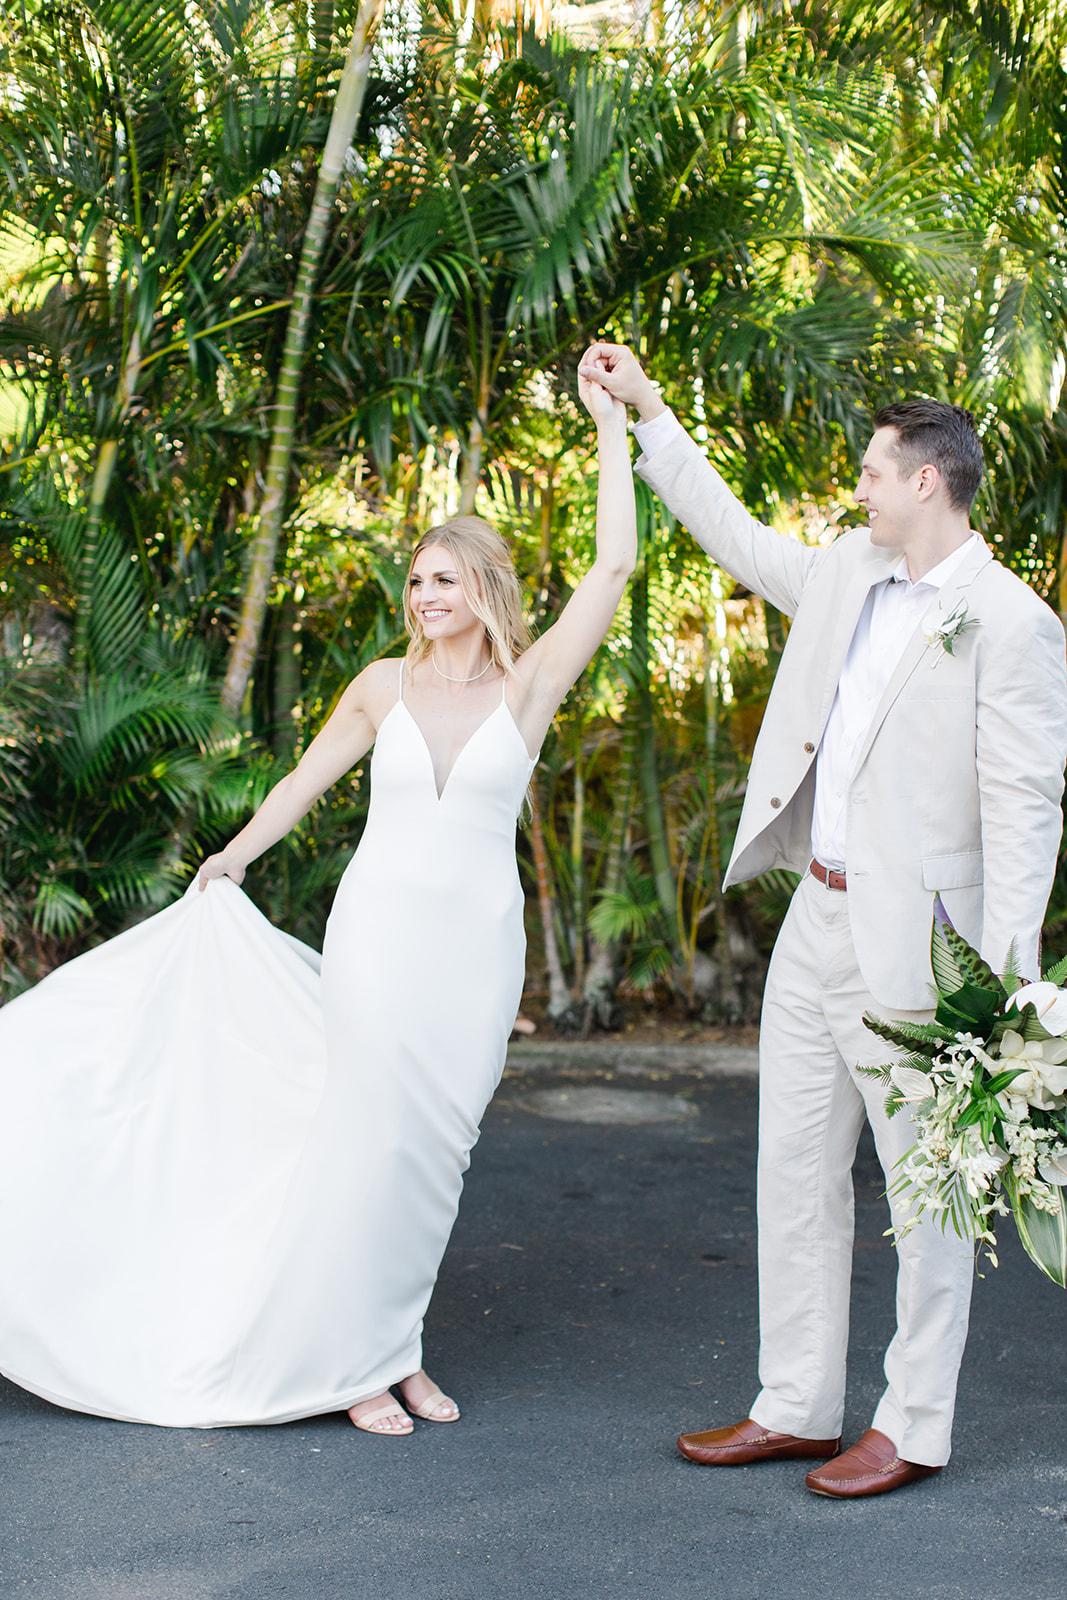 bride and groom classy spokane bride hawaii wedding